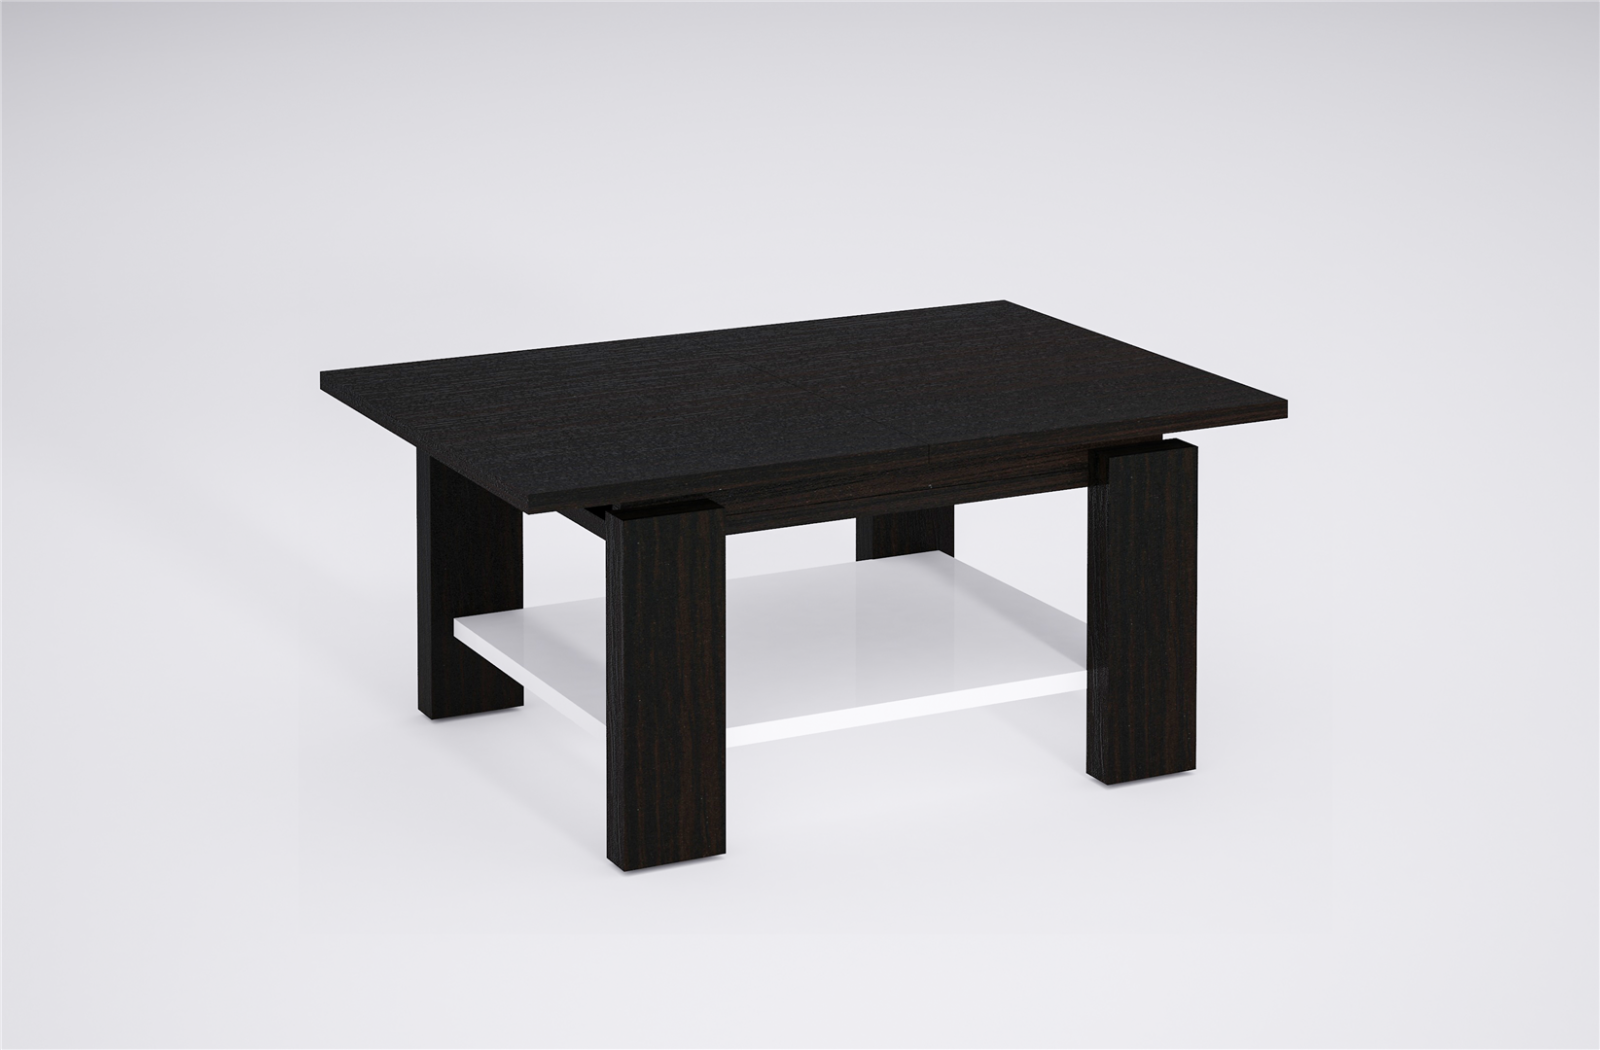 91 wohnzimmertisch wenge oslo couchtisch 60 x cm. Black Bedroom Furniture Sets. Home Design Ideas